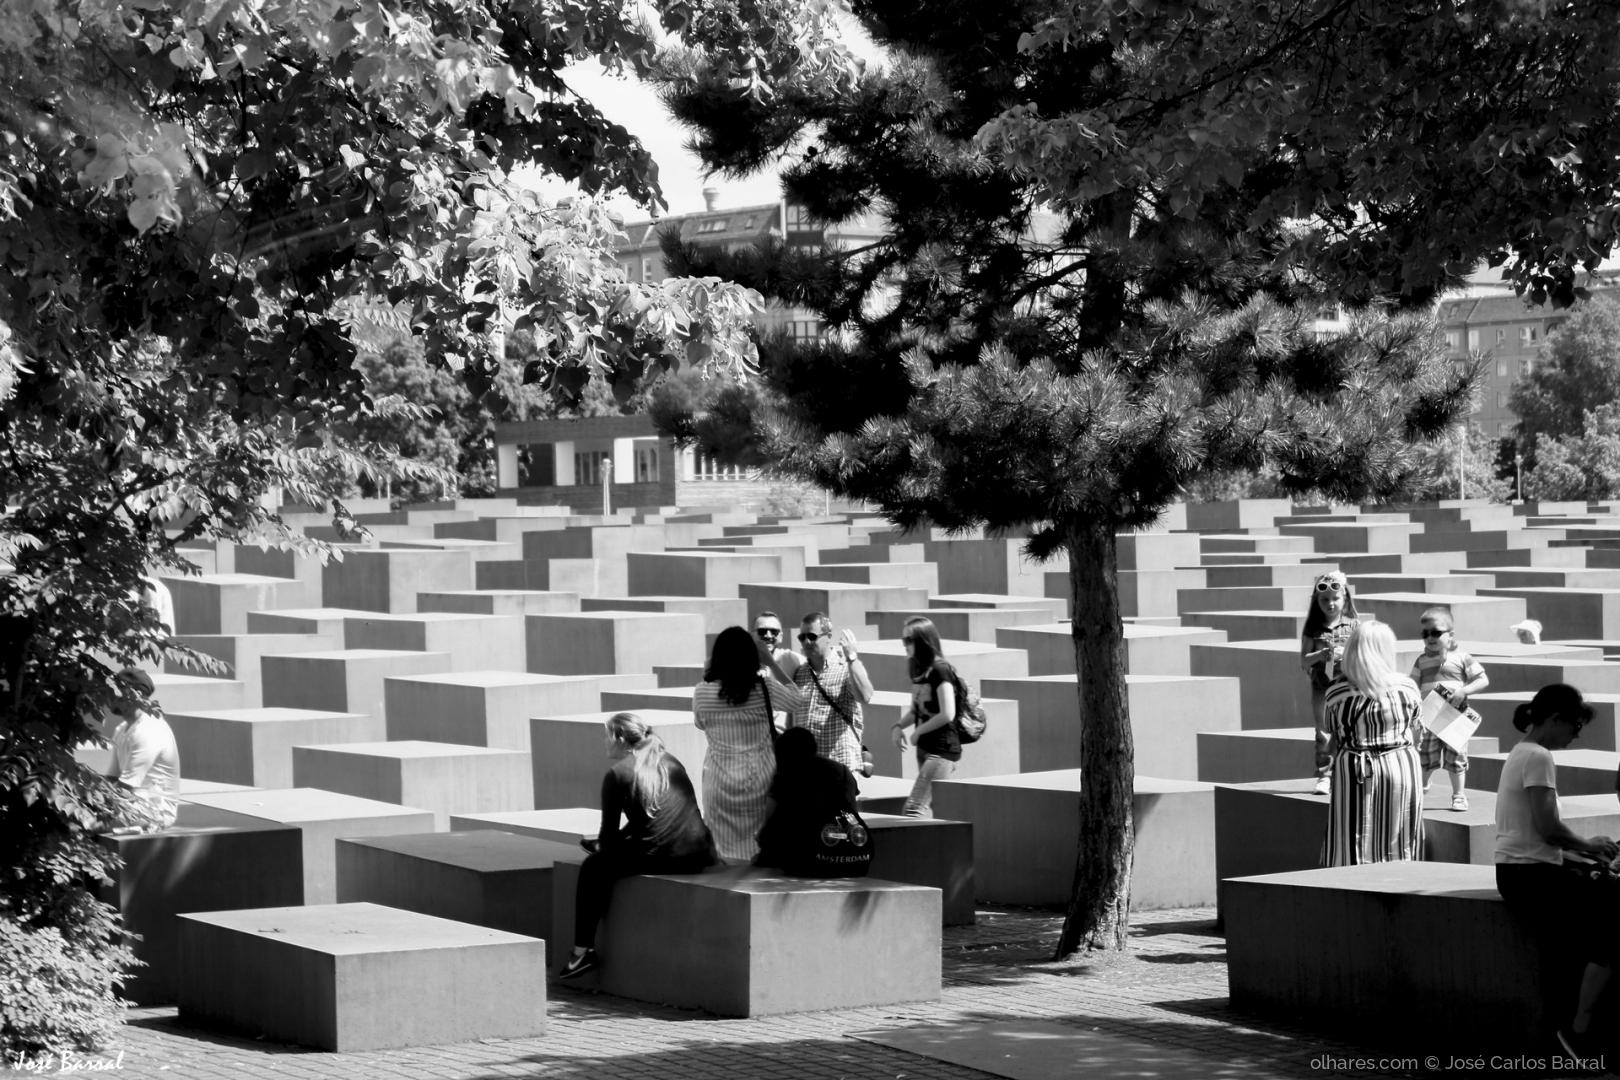 Arquitetura/MEMORIAL